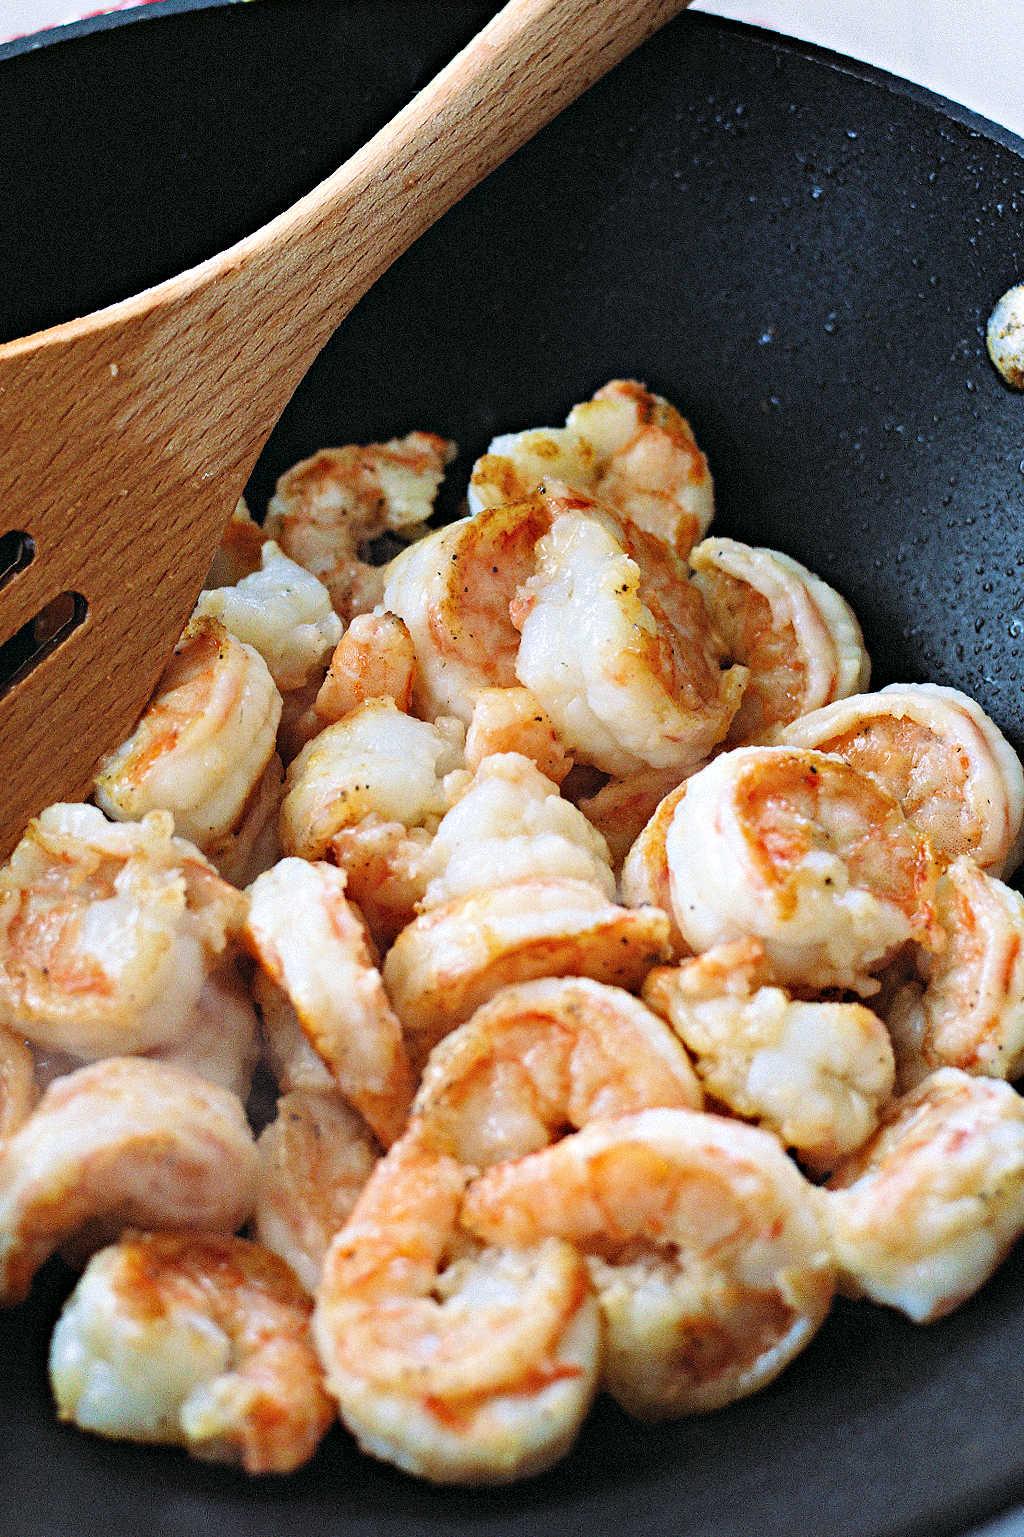 stir frying shrimp in a wok